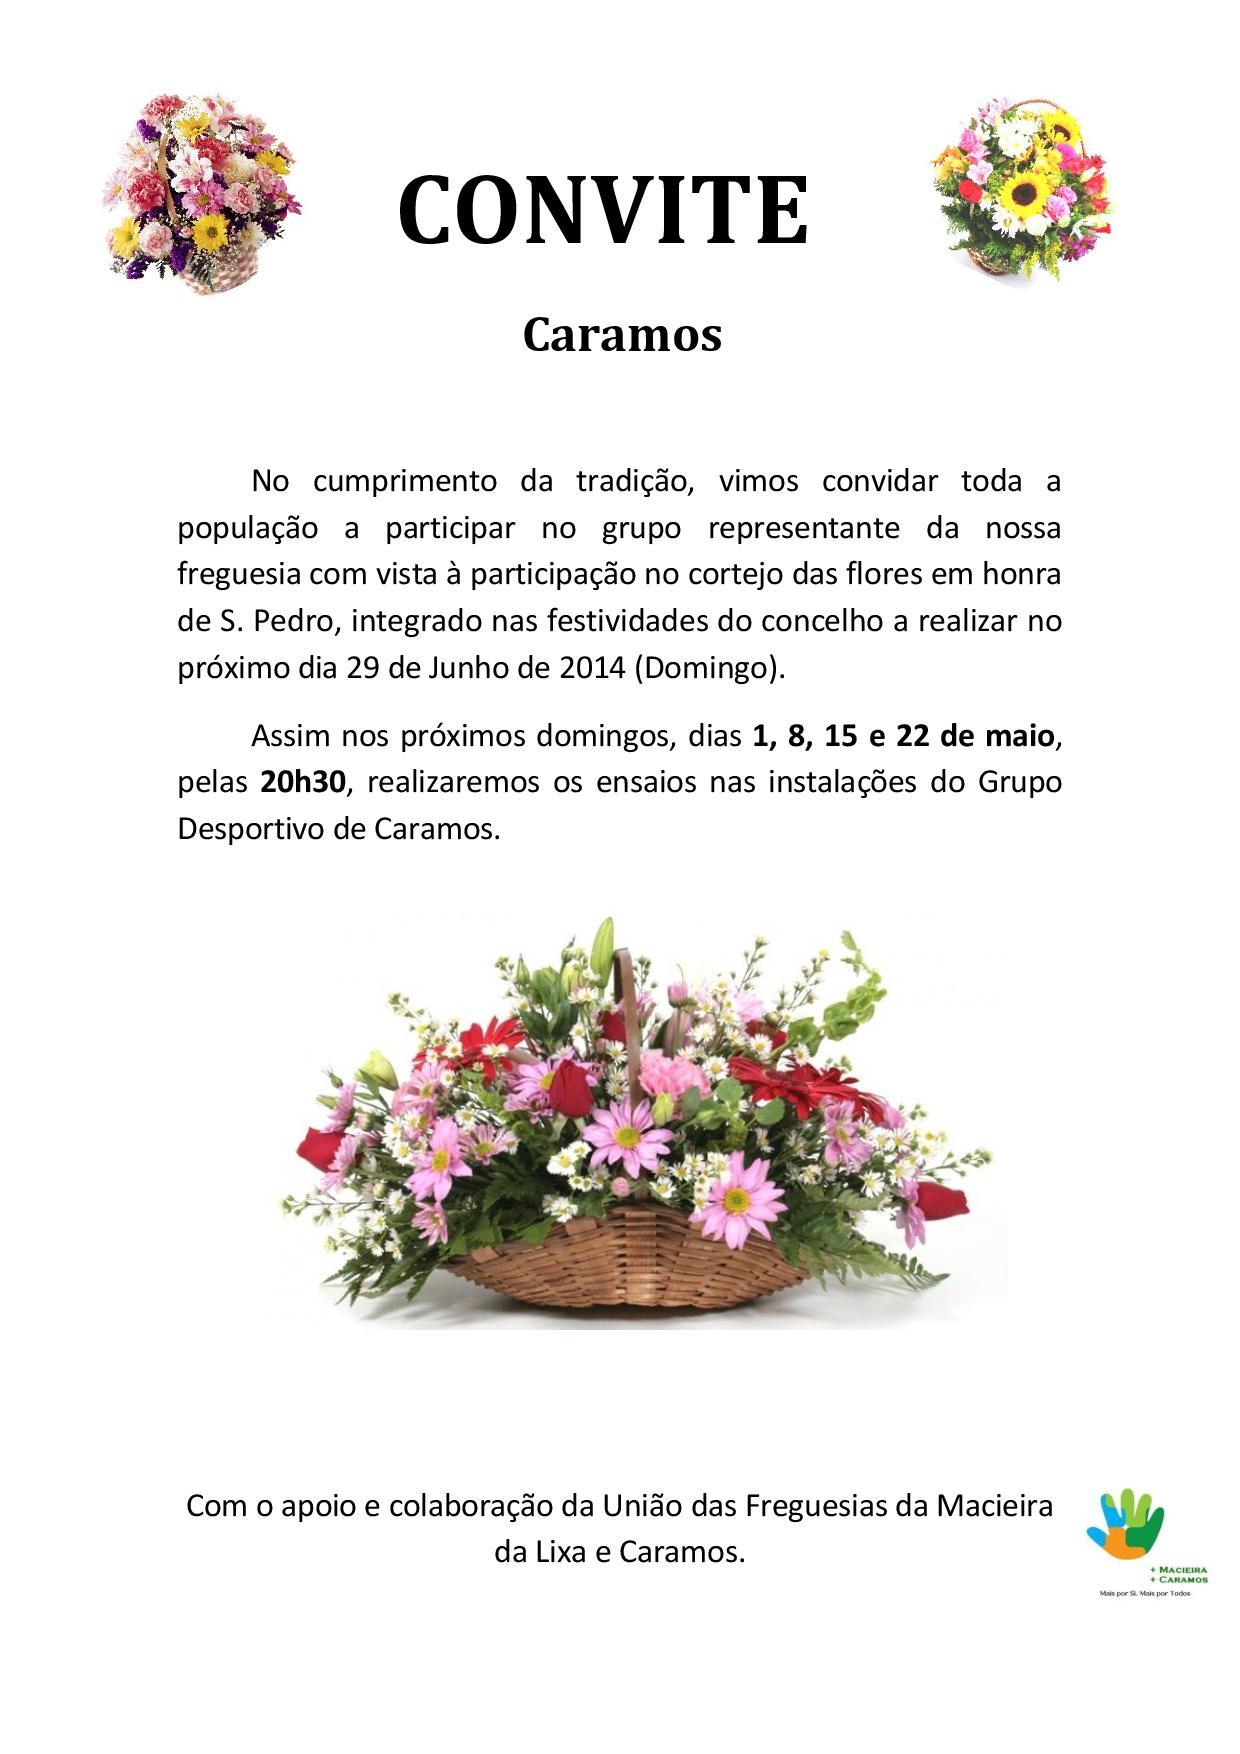 CONVITE - Ensaios para o cortejo das flores - caramos